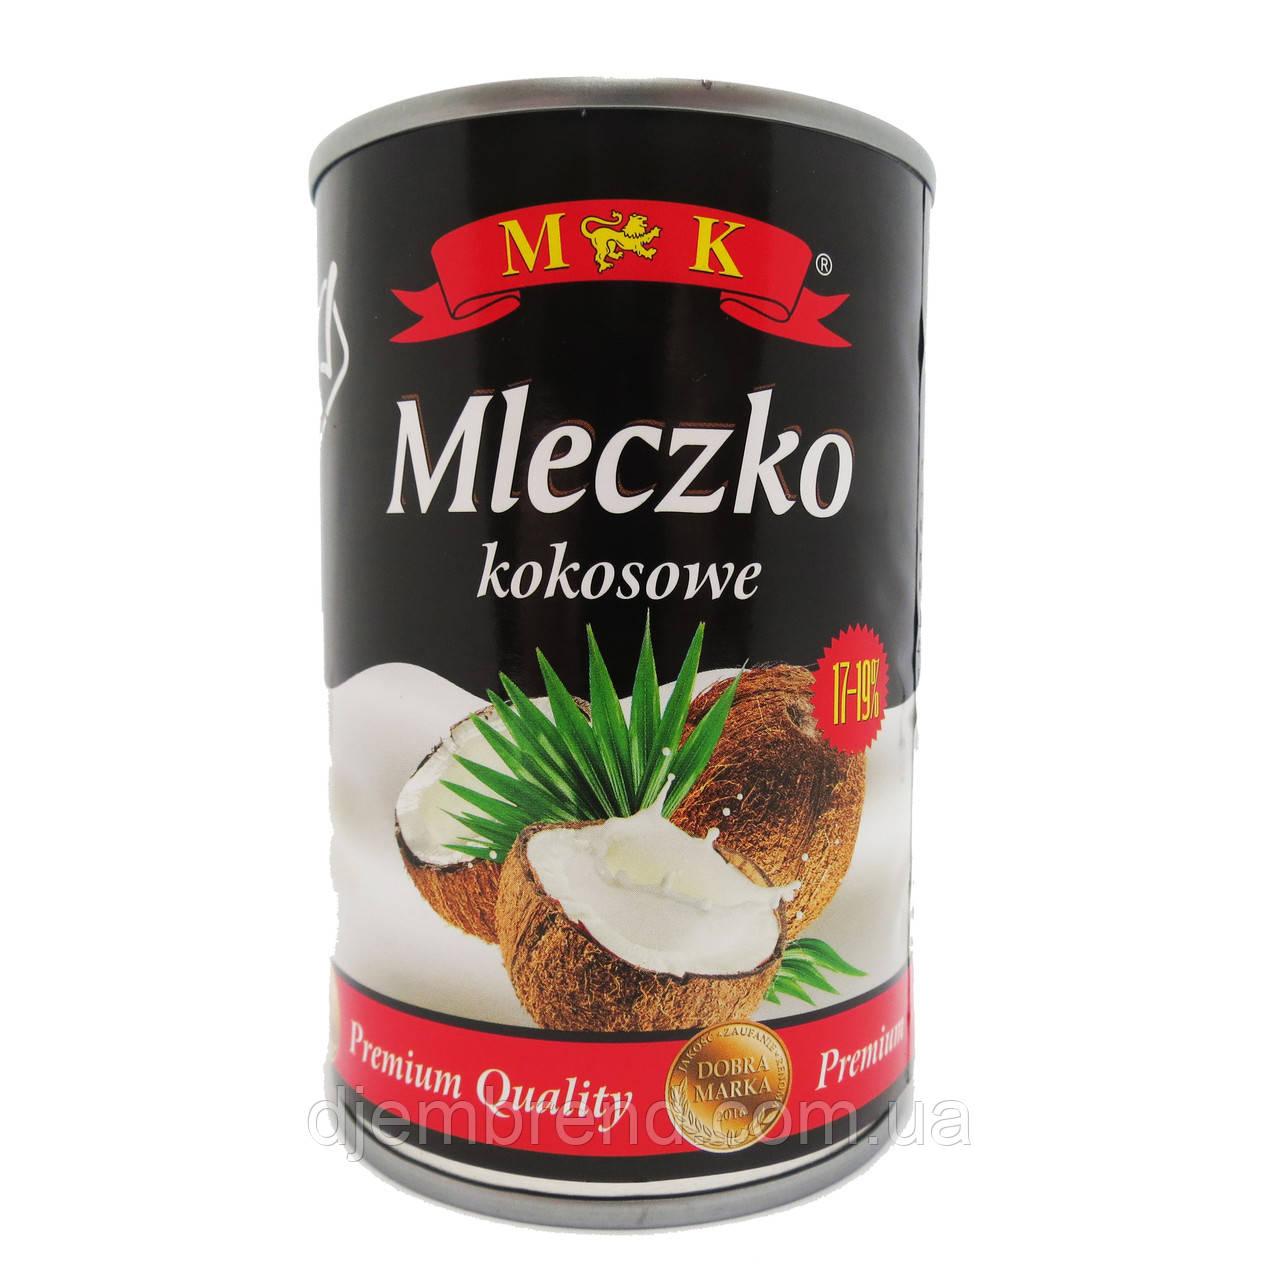 Кокосовое молоко M K 400 мл Польша